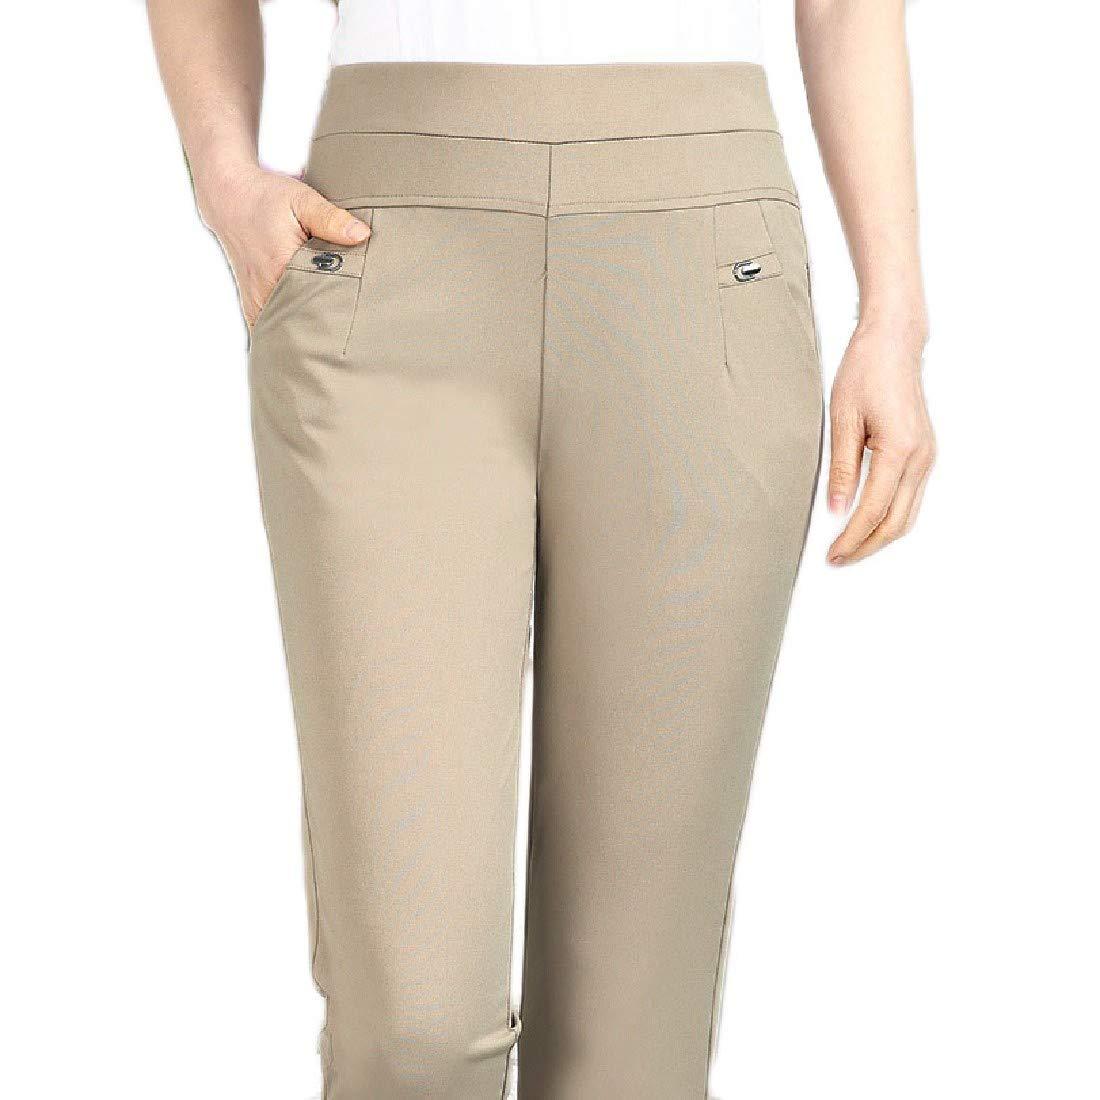 Abetteric Women's Hi-Waist Leisure Solid Color Plus Size Jegging Pants